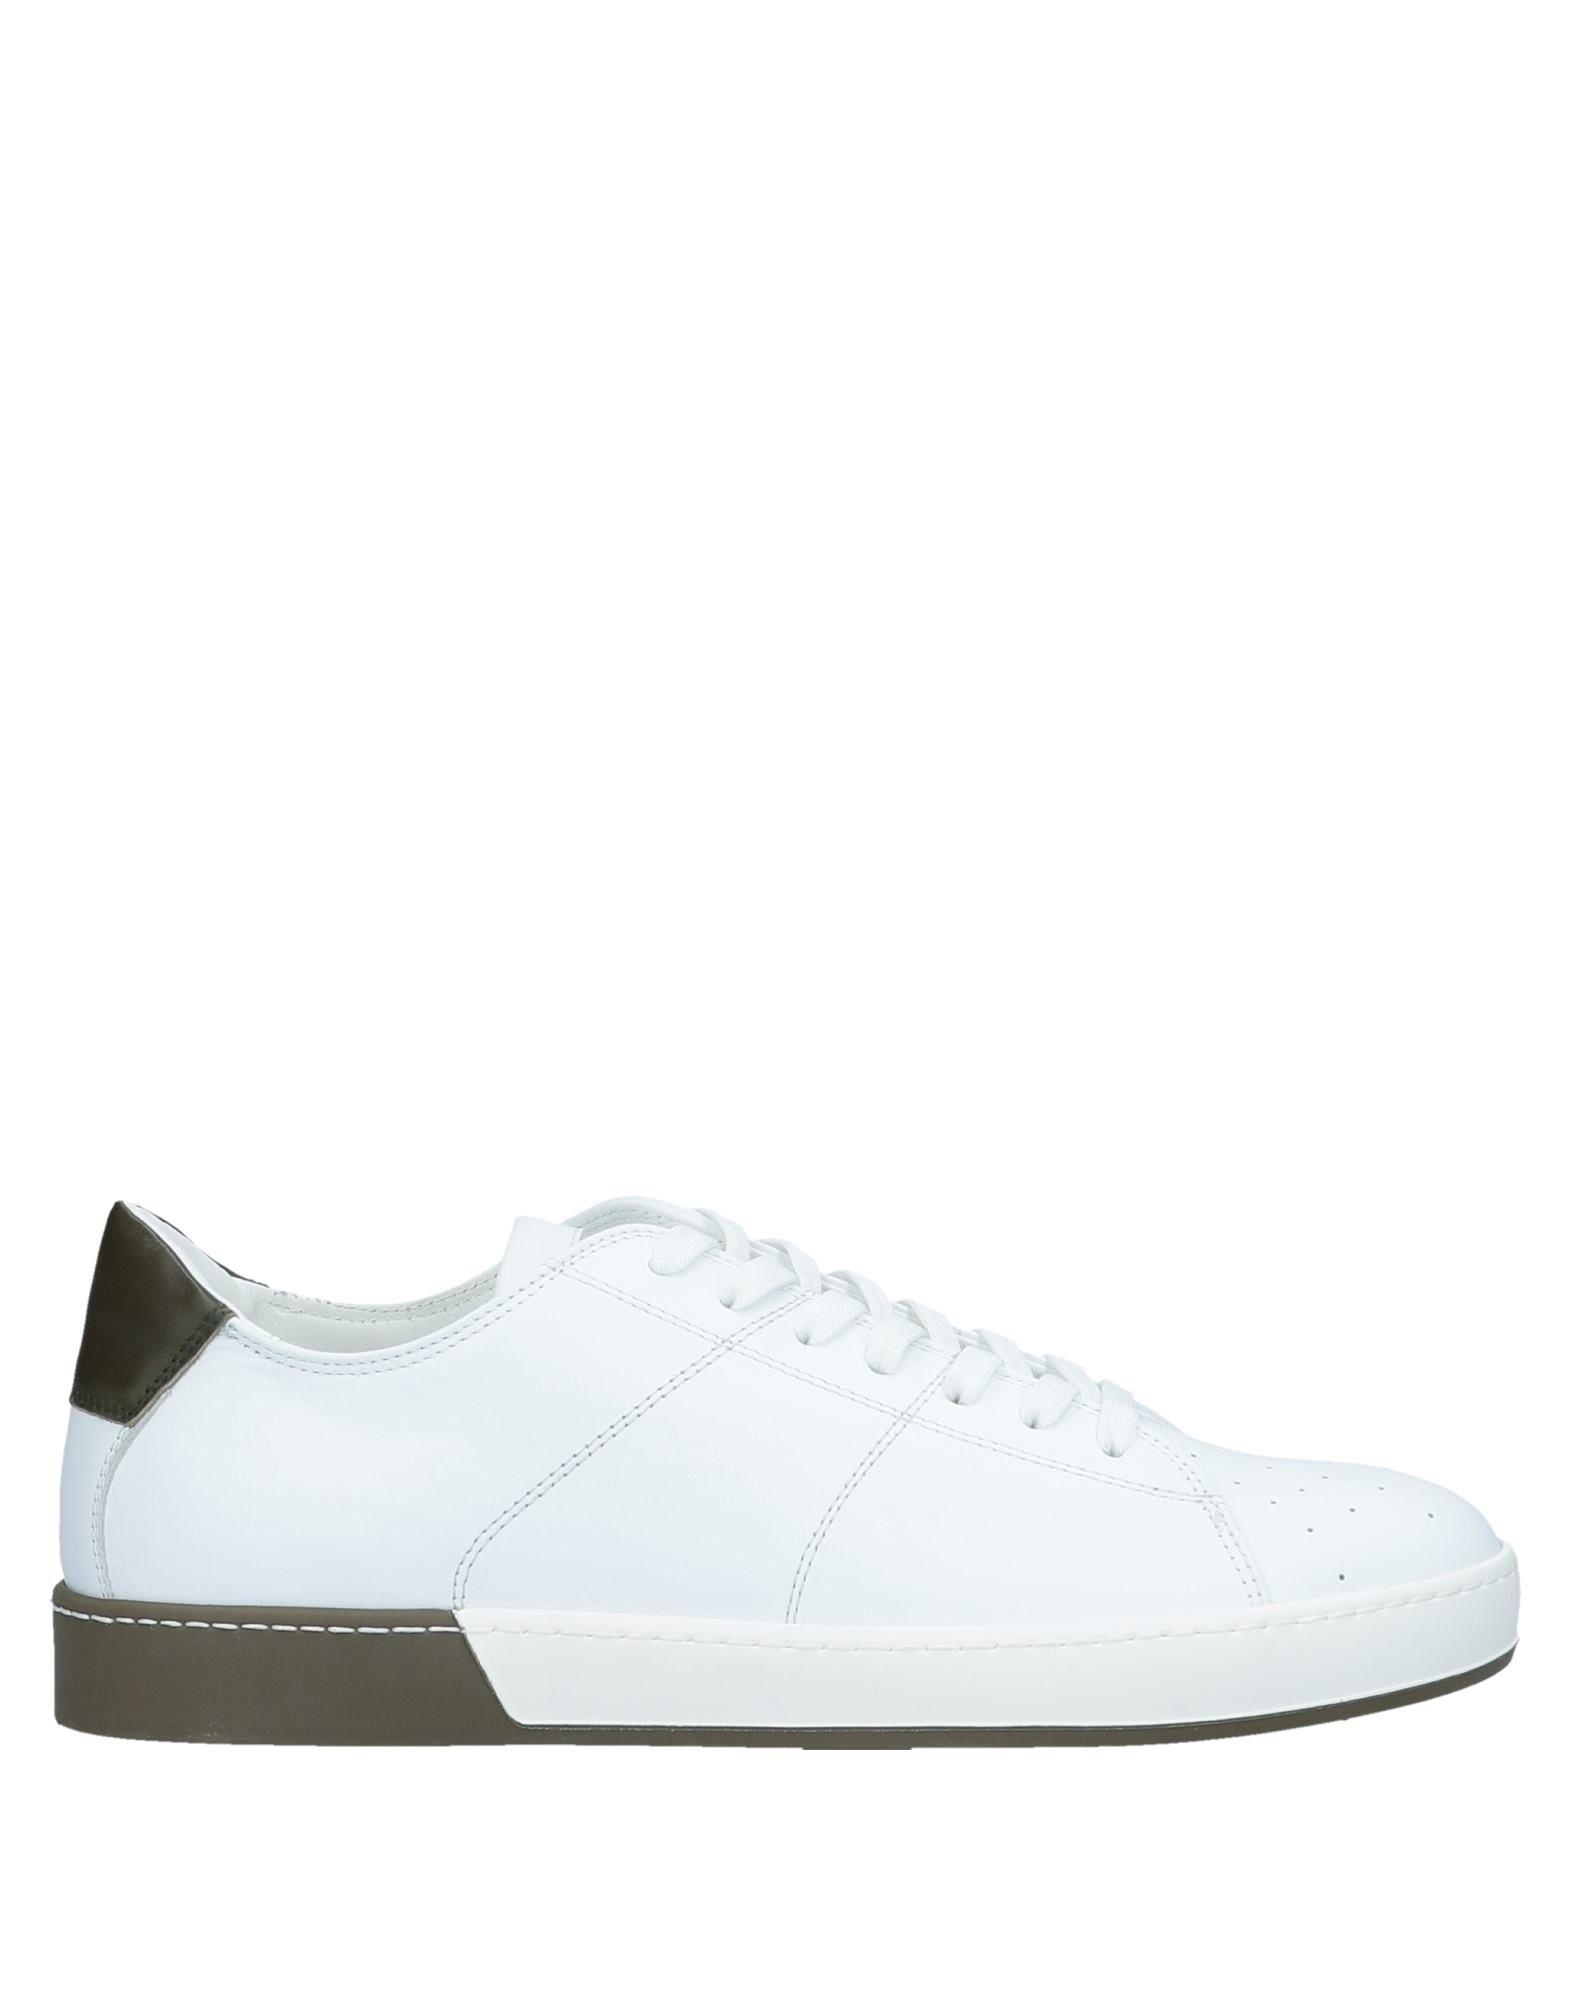 Jil Sander Sneakers Herren beliebte  11538913AP Gute Qualität beliebte Herren Schuhe 116c9b